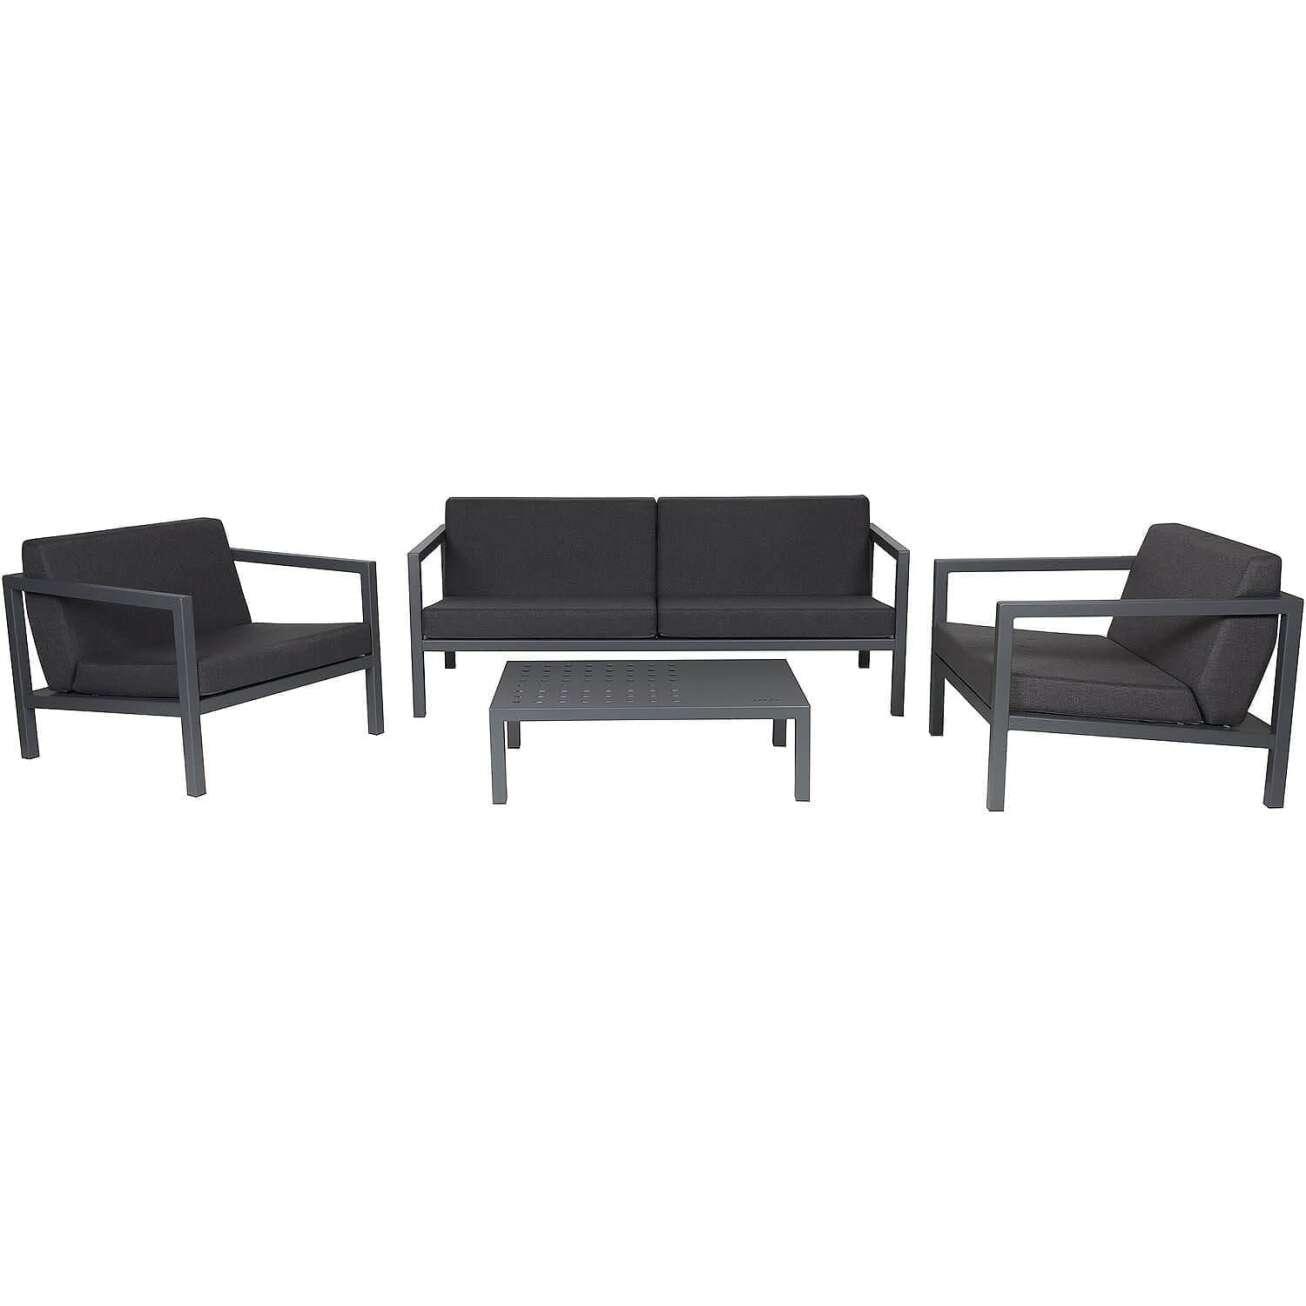 Sundays Frame sofagruppe - 2.5-seter, to stoler og sofabord i mørkgrå aluminium med svarte puter